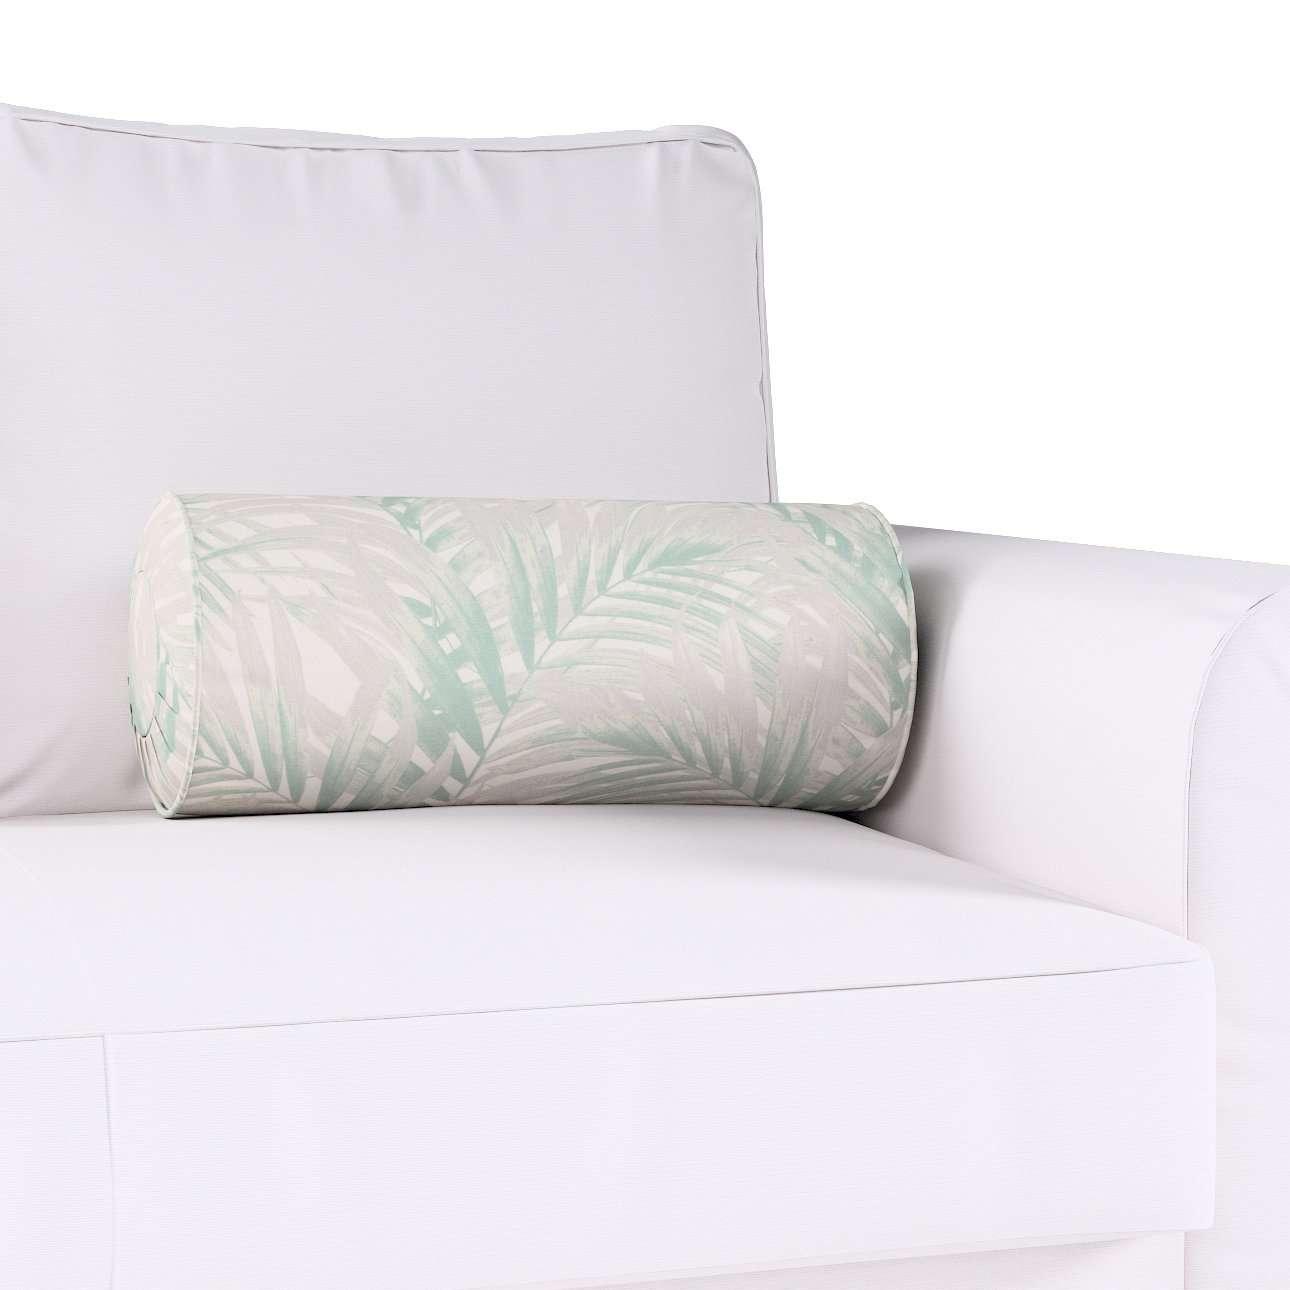 Poduszka wałek z zakładkami w kolekcji Gardenia, tkanina: 142-15